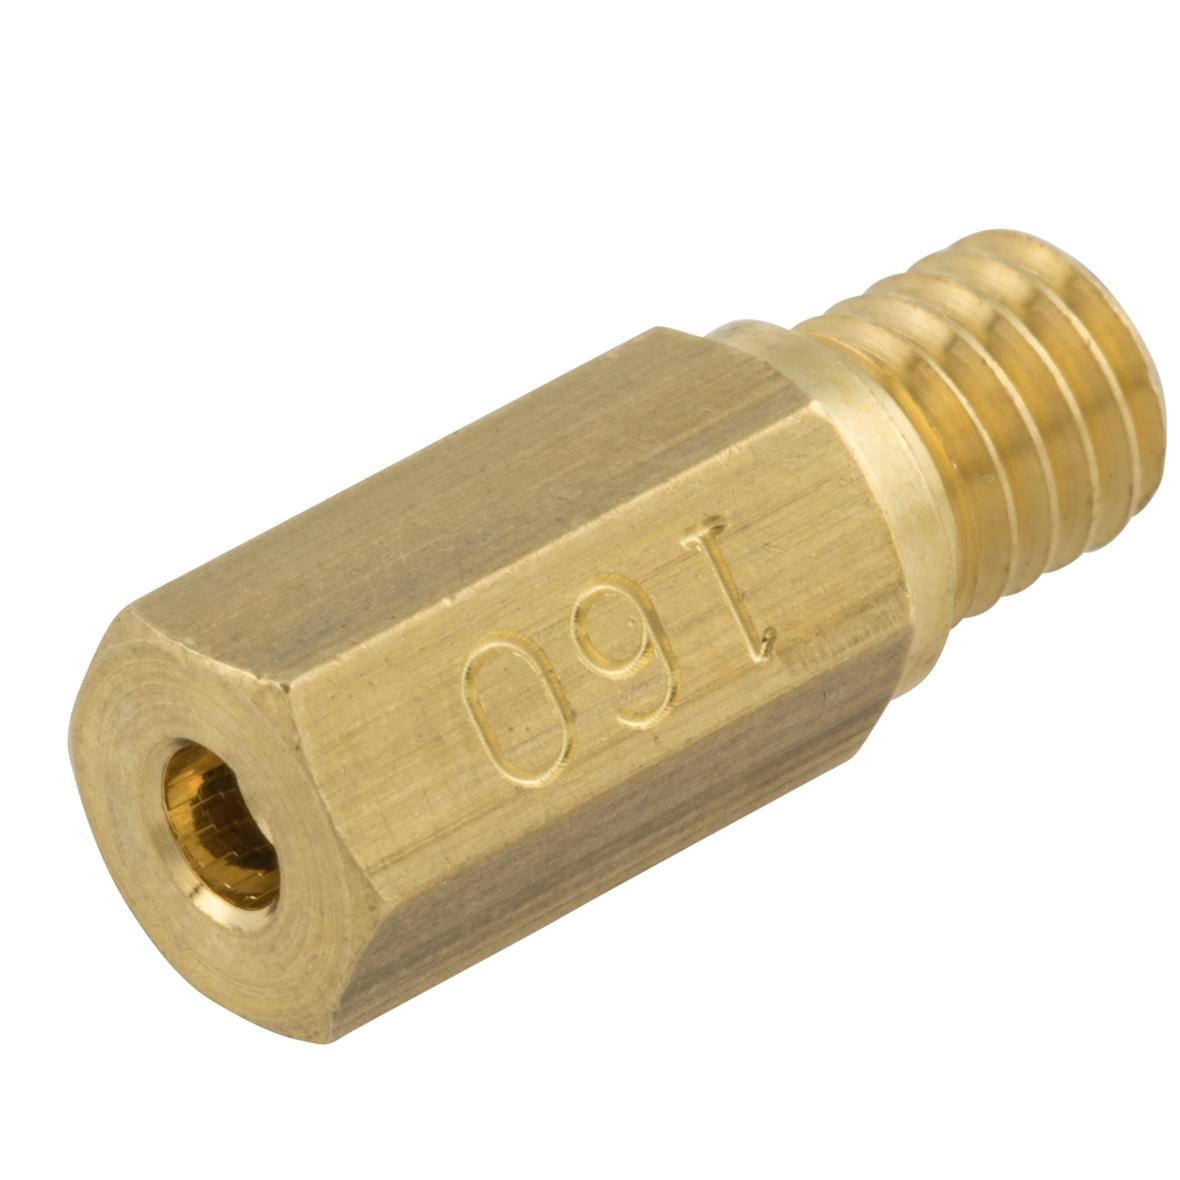 Εικόνα προϊόντος για 'Ζιγκλέρ KMT 145 Ø 6 mmTitle'